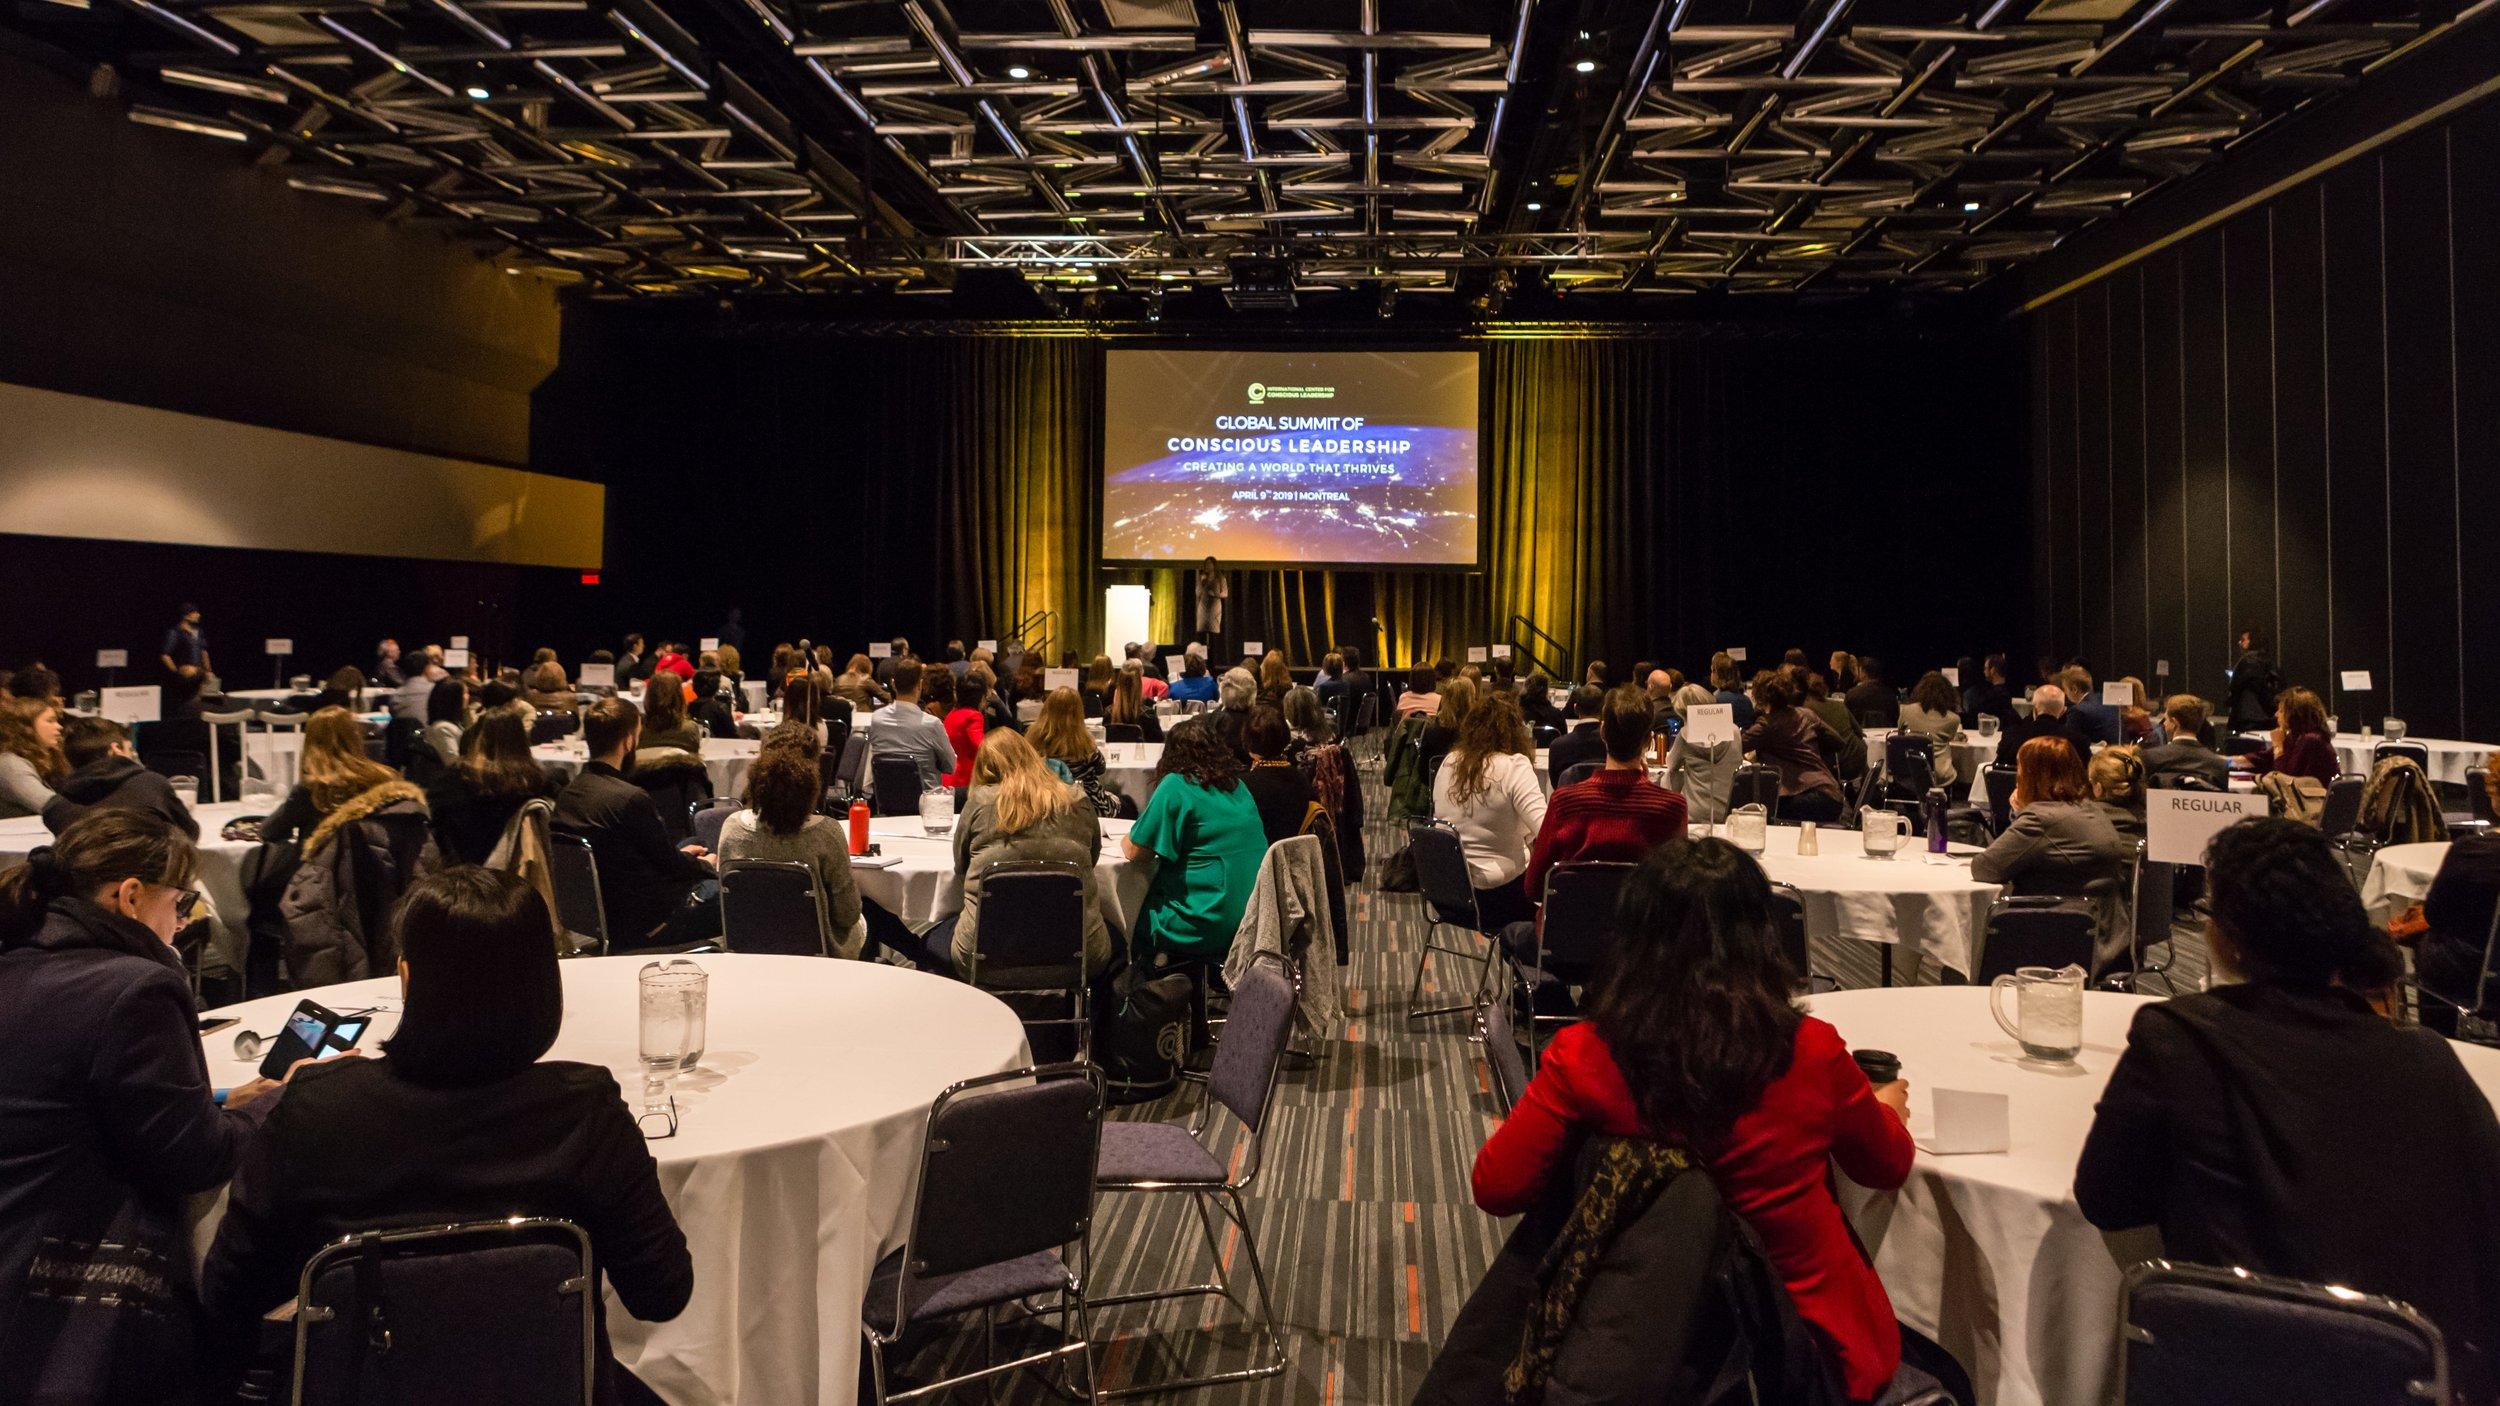 Global Summit of Conscious Leadership 2019 - 9 avril 2019, Montréal (Palais des congrès)